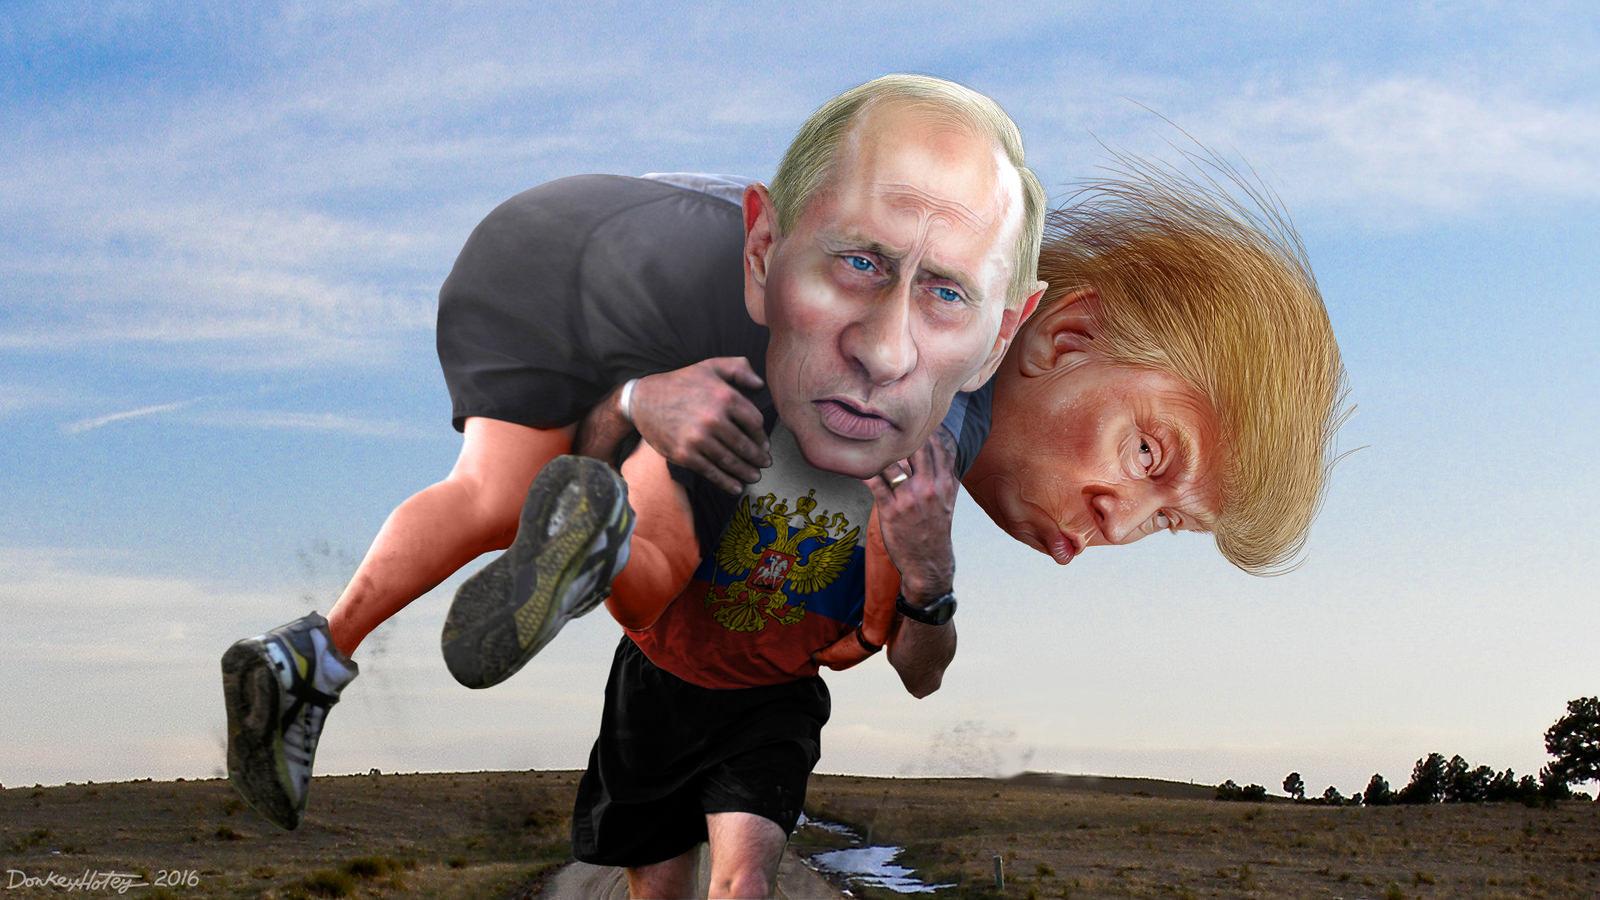 """""""Это так верно"""", - Трамп прокомментировал слова Путина об """"унизительном поражении"""" Клинтон на выборах - Цензор.НЕТ 1945"""